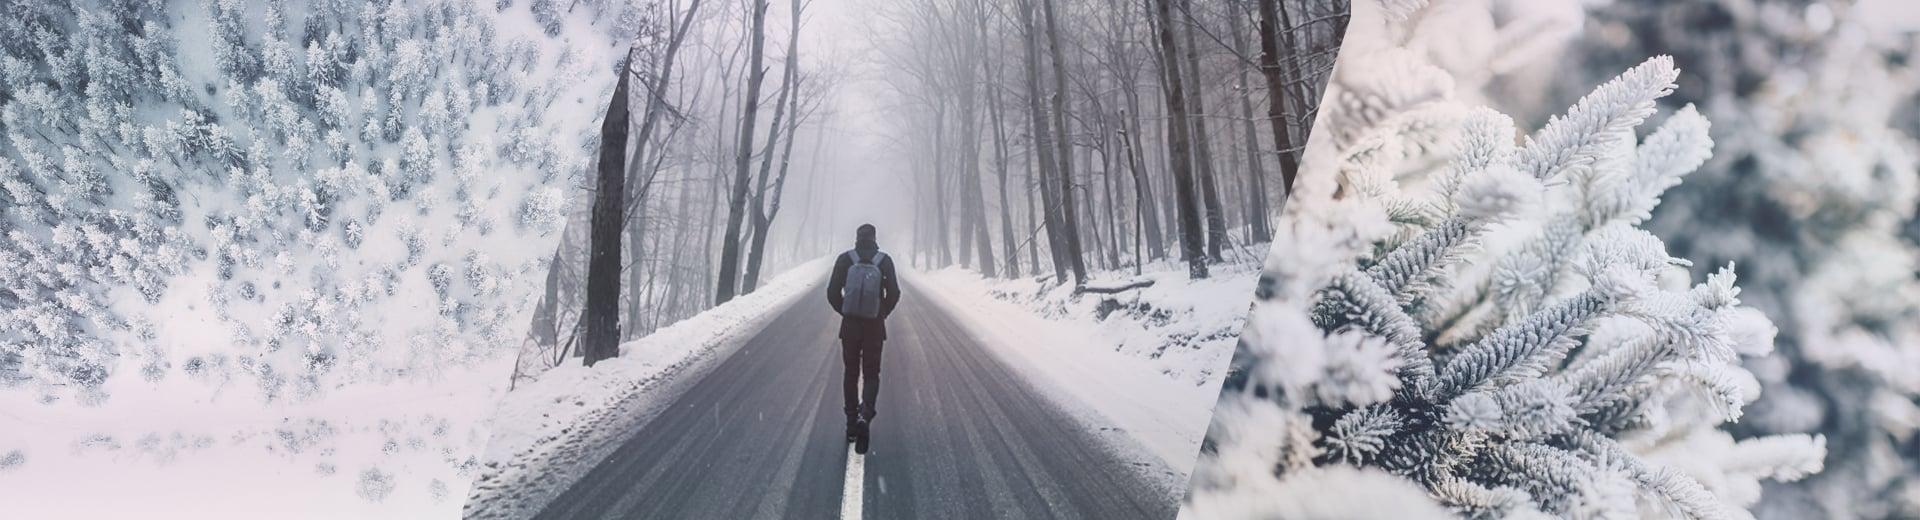 winterrunning+filtre